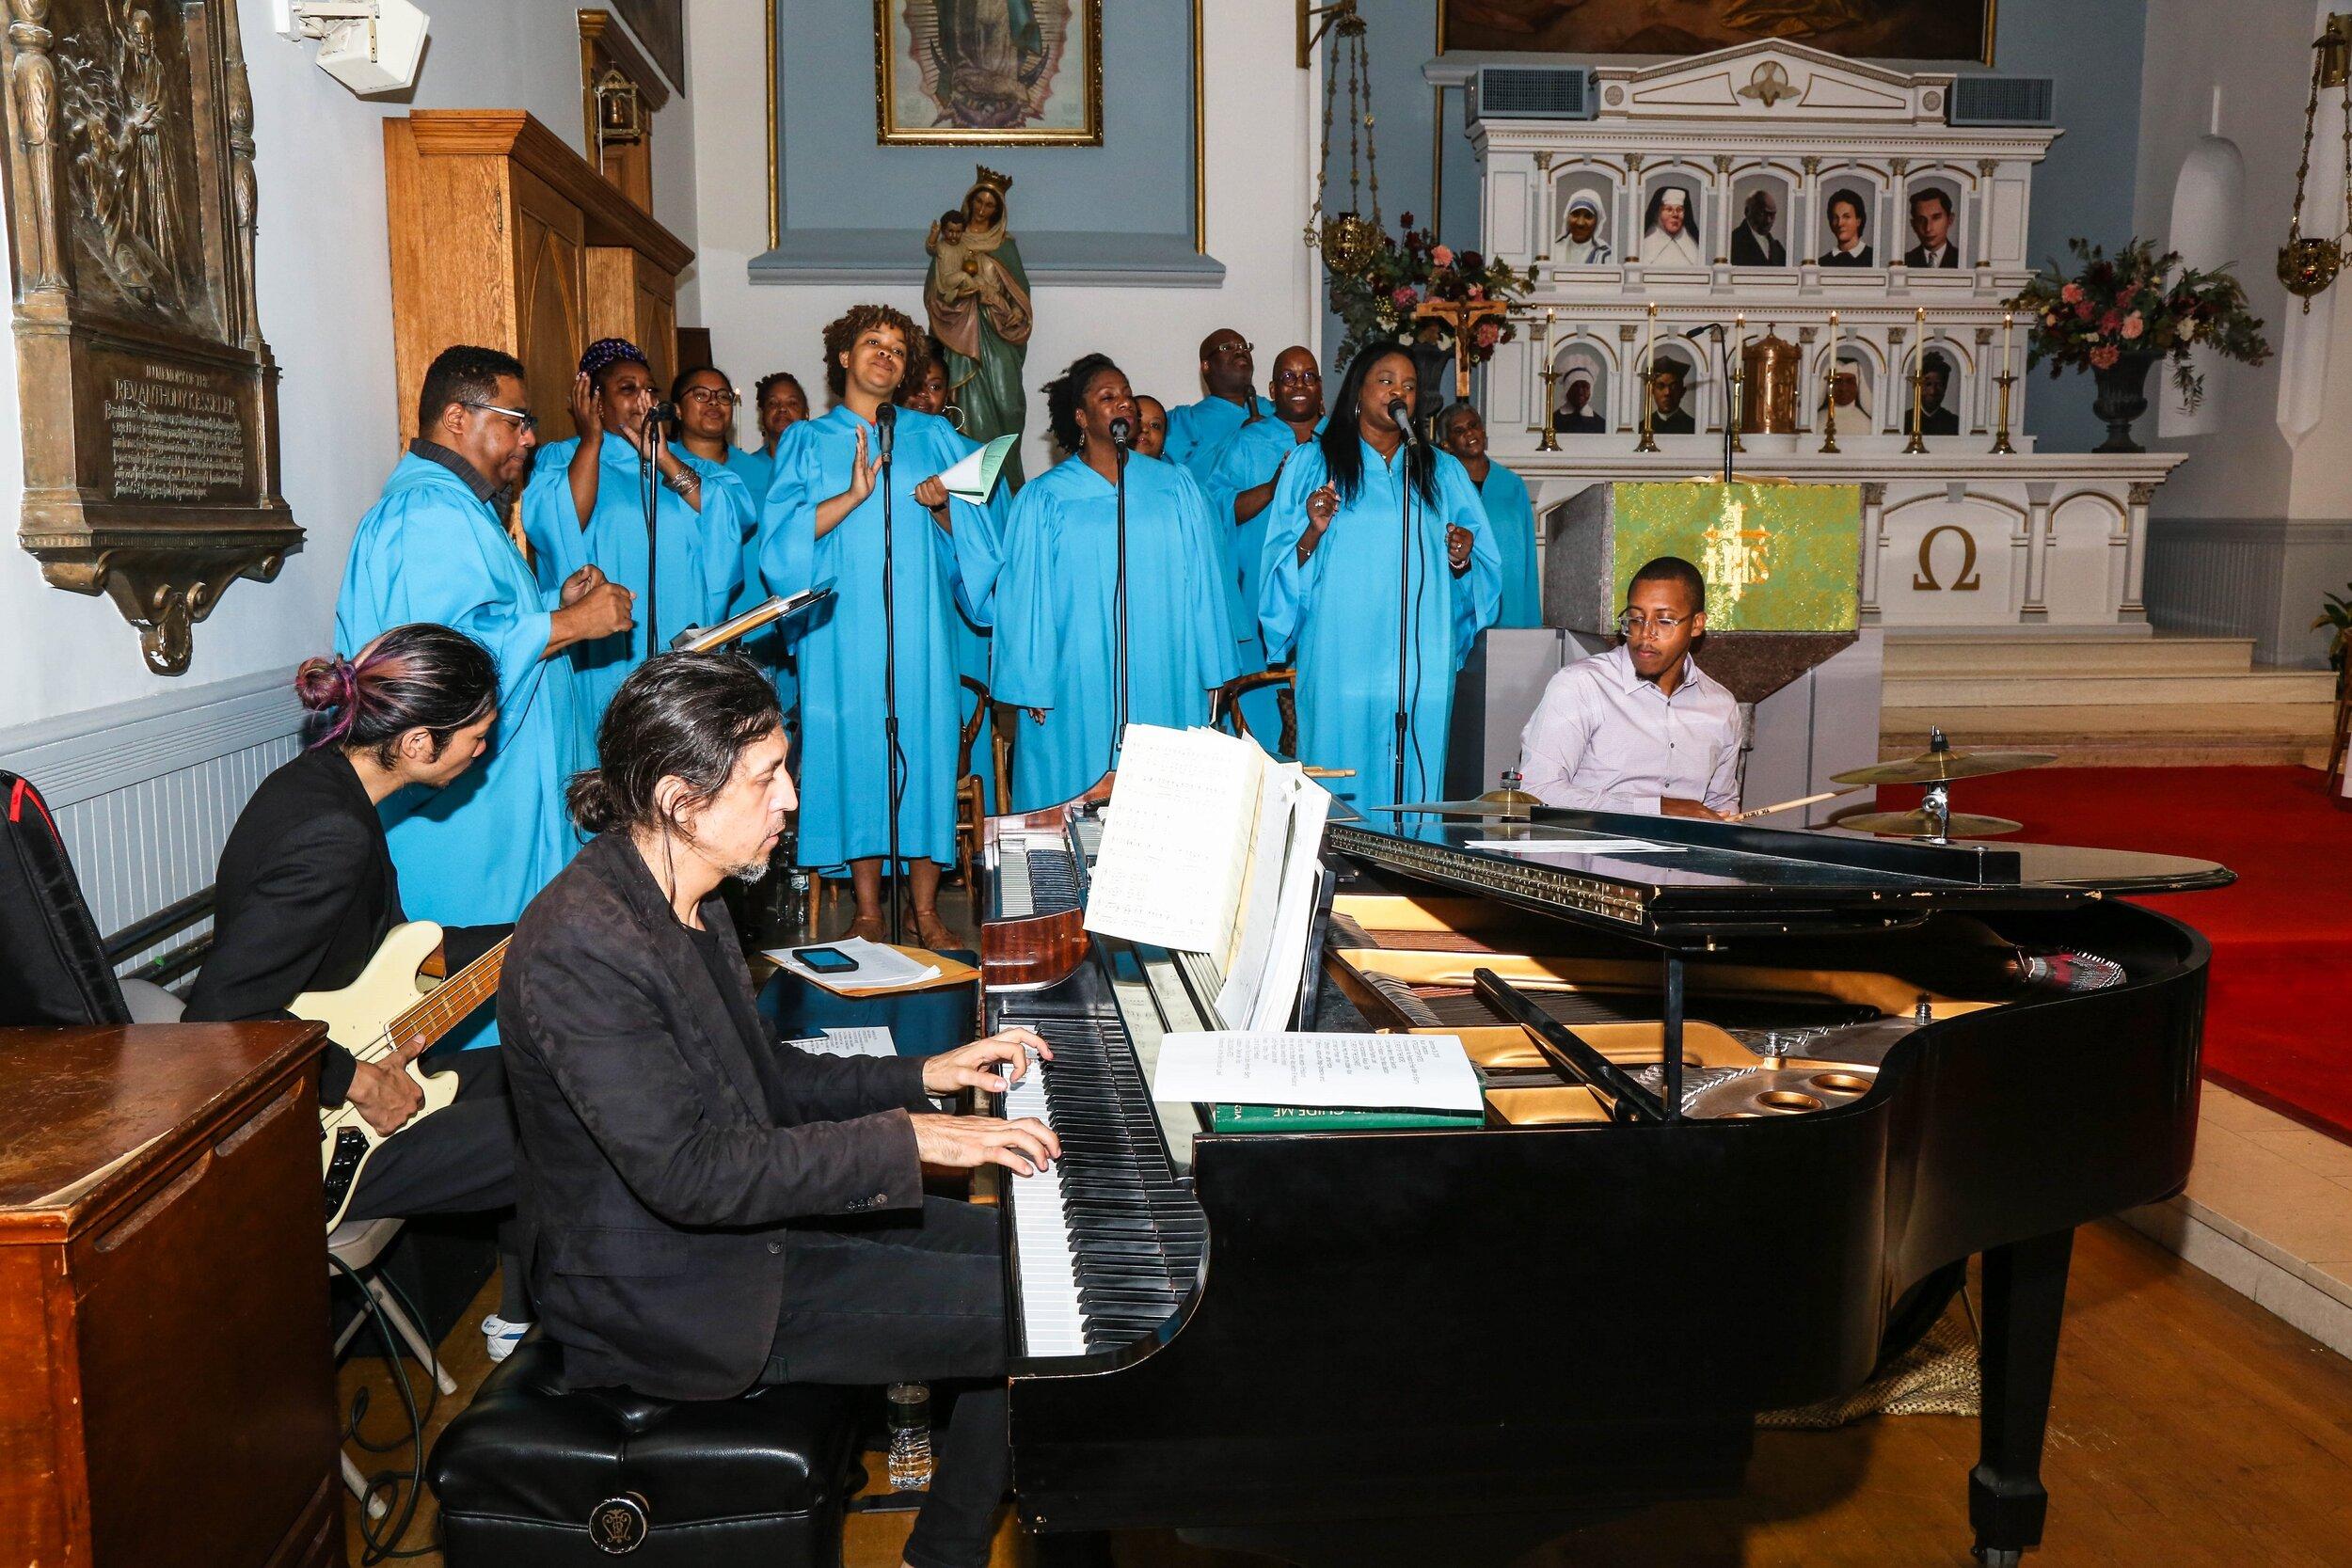 St. Joseph of the Holy Family Catholic Church Award Winning Gospel Choir in Harlem New York City - 60.jpg